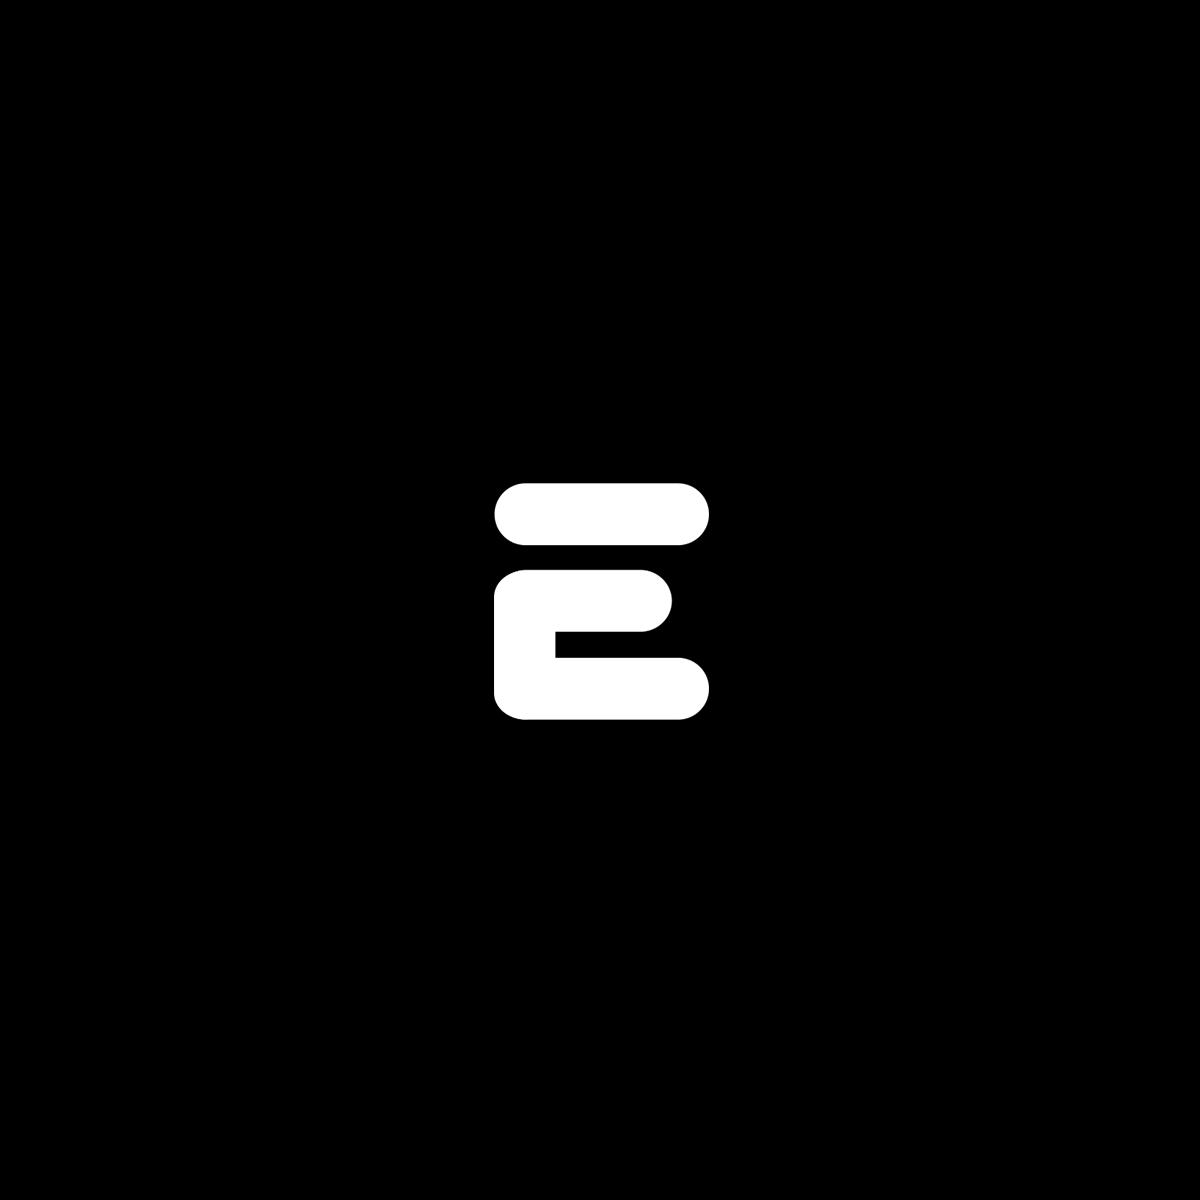 logocollection-v2-10